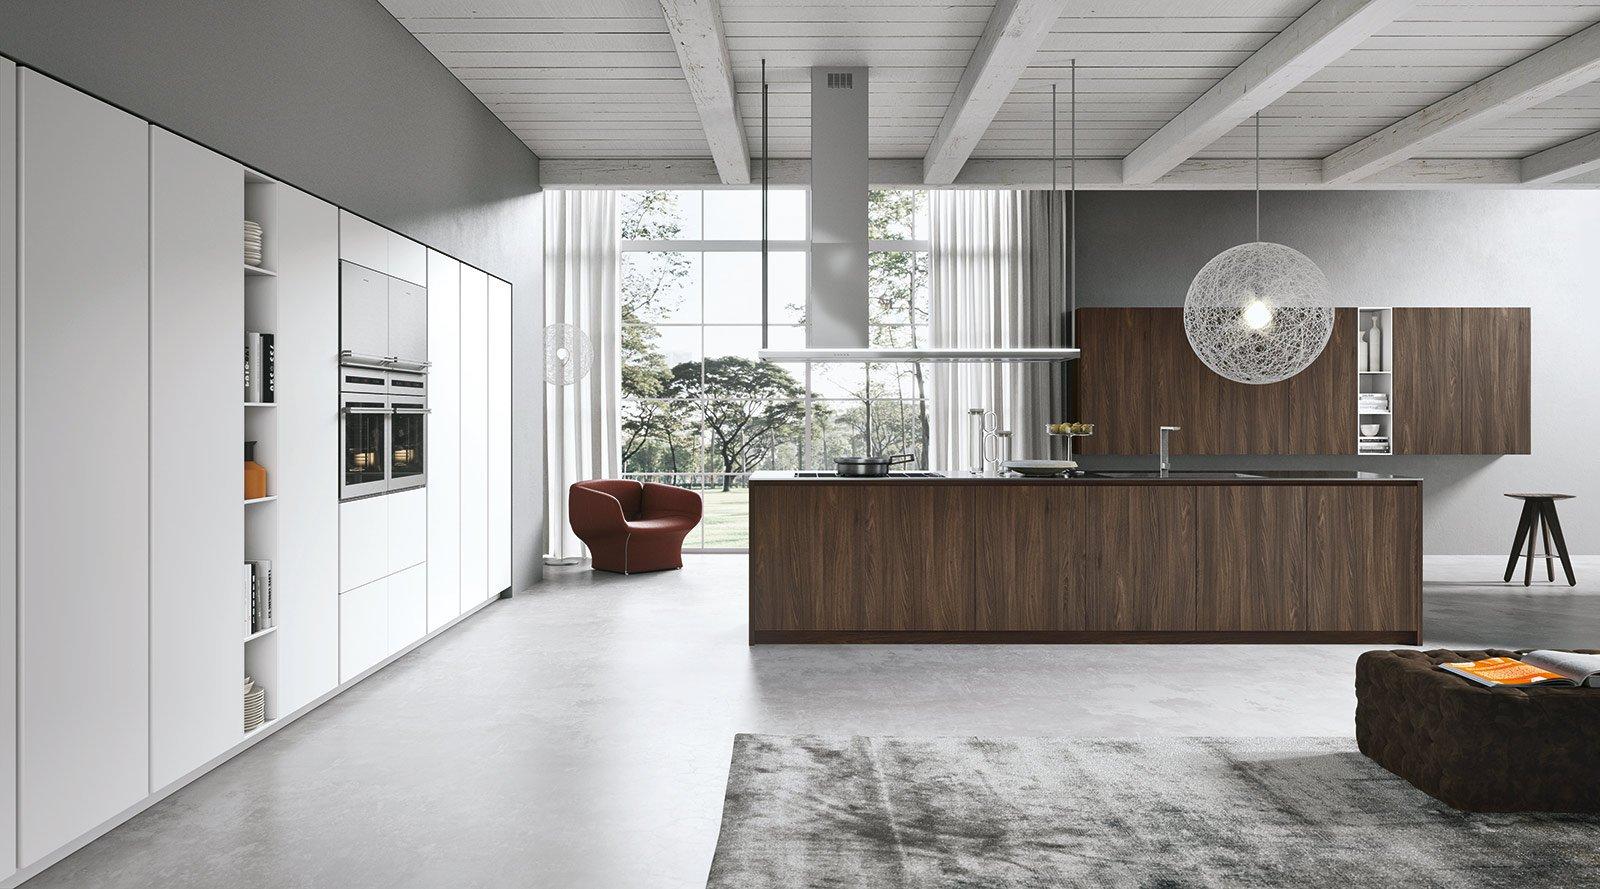 Cucine Con Ante Lisce. Stile Contemporaneo Cose Di Casa #5C4B3F 1600 889 Cucine Moderne Per Case Di Montagna